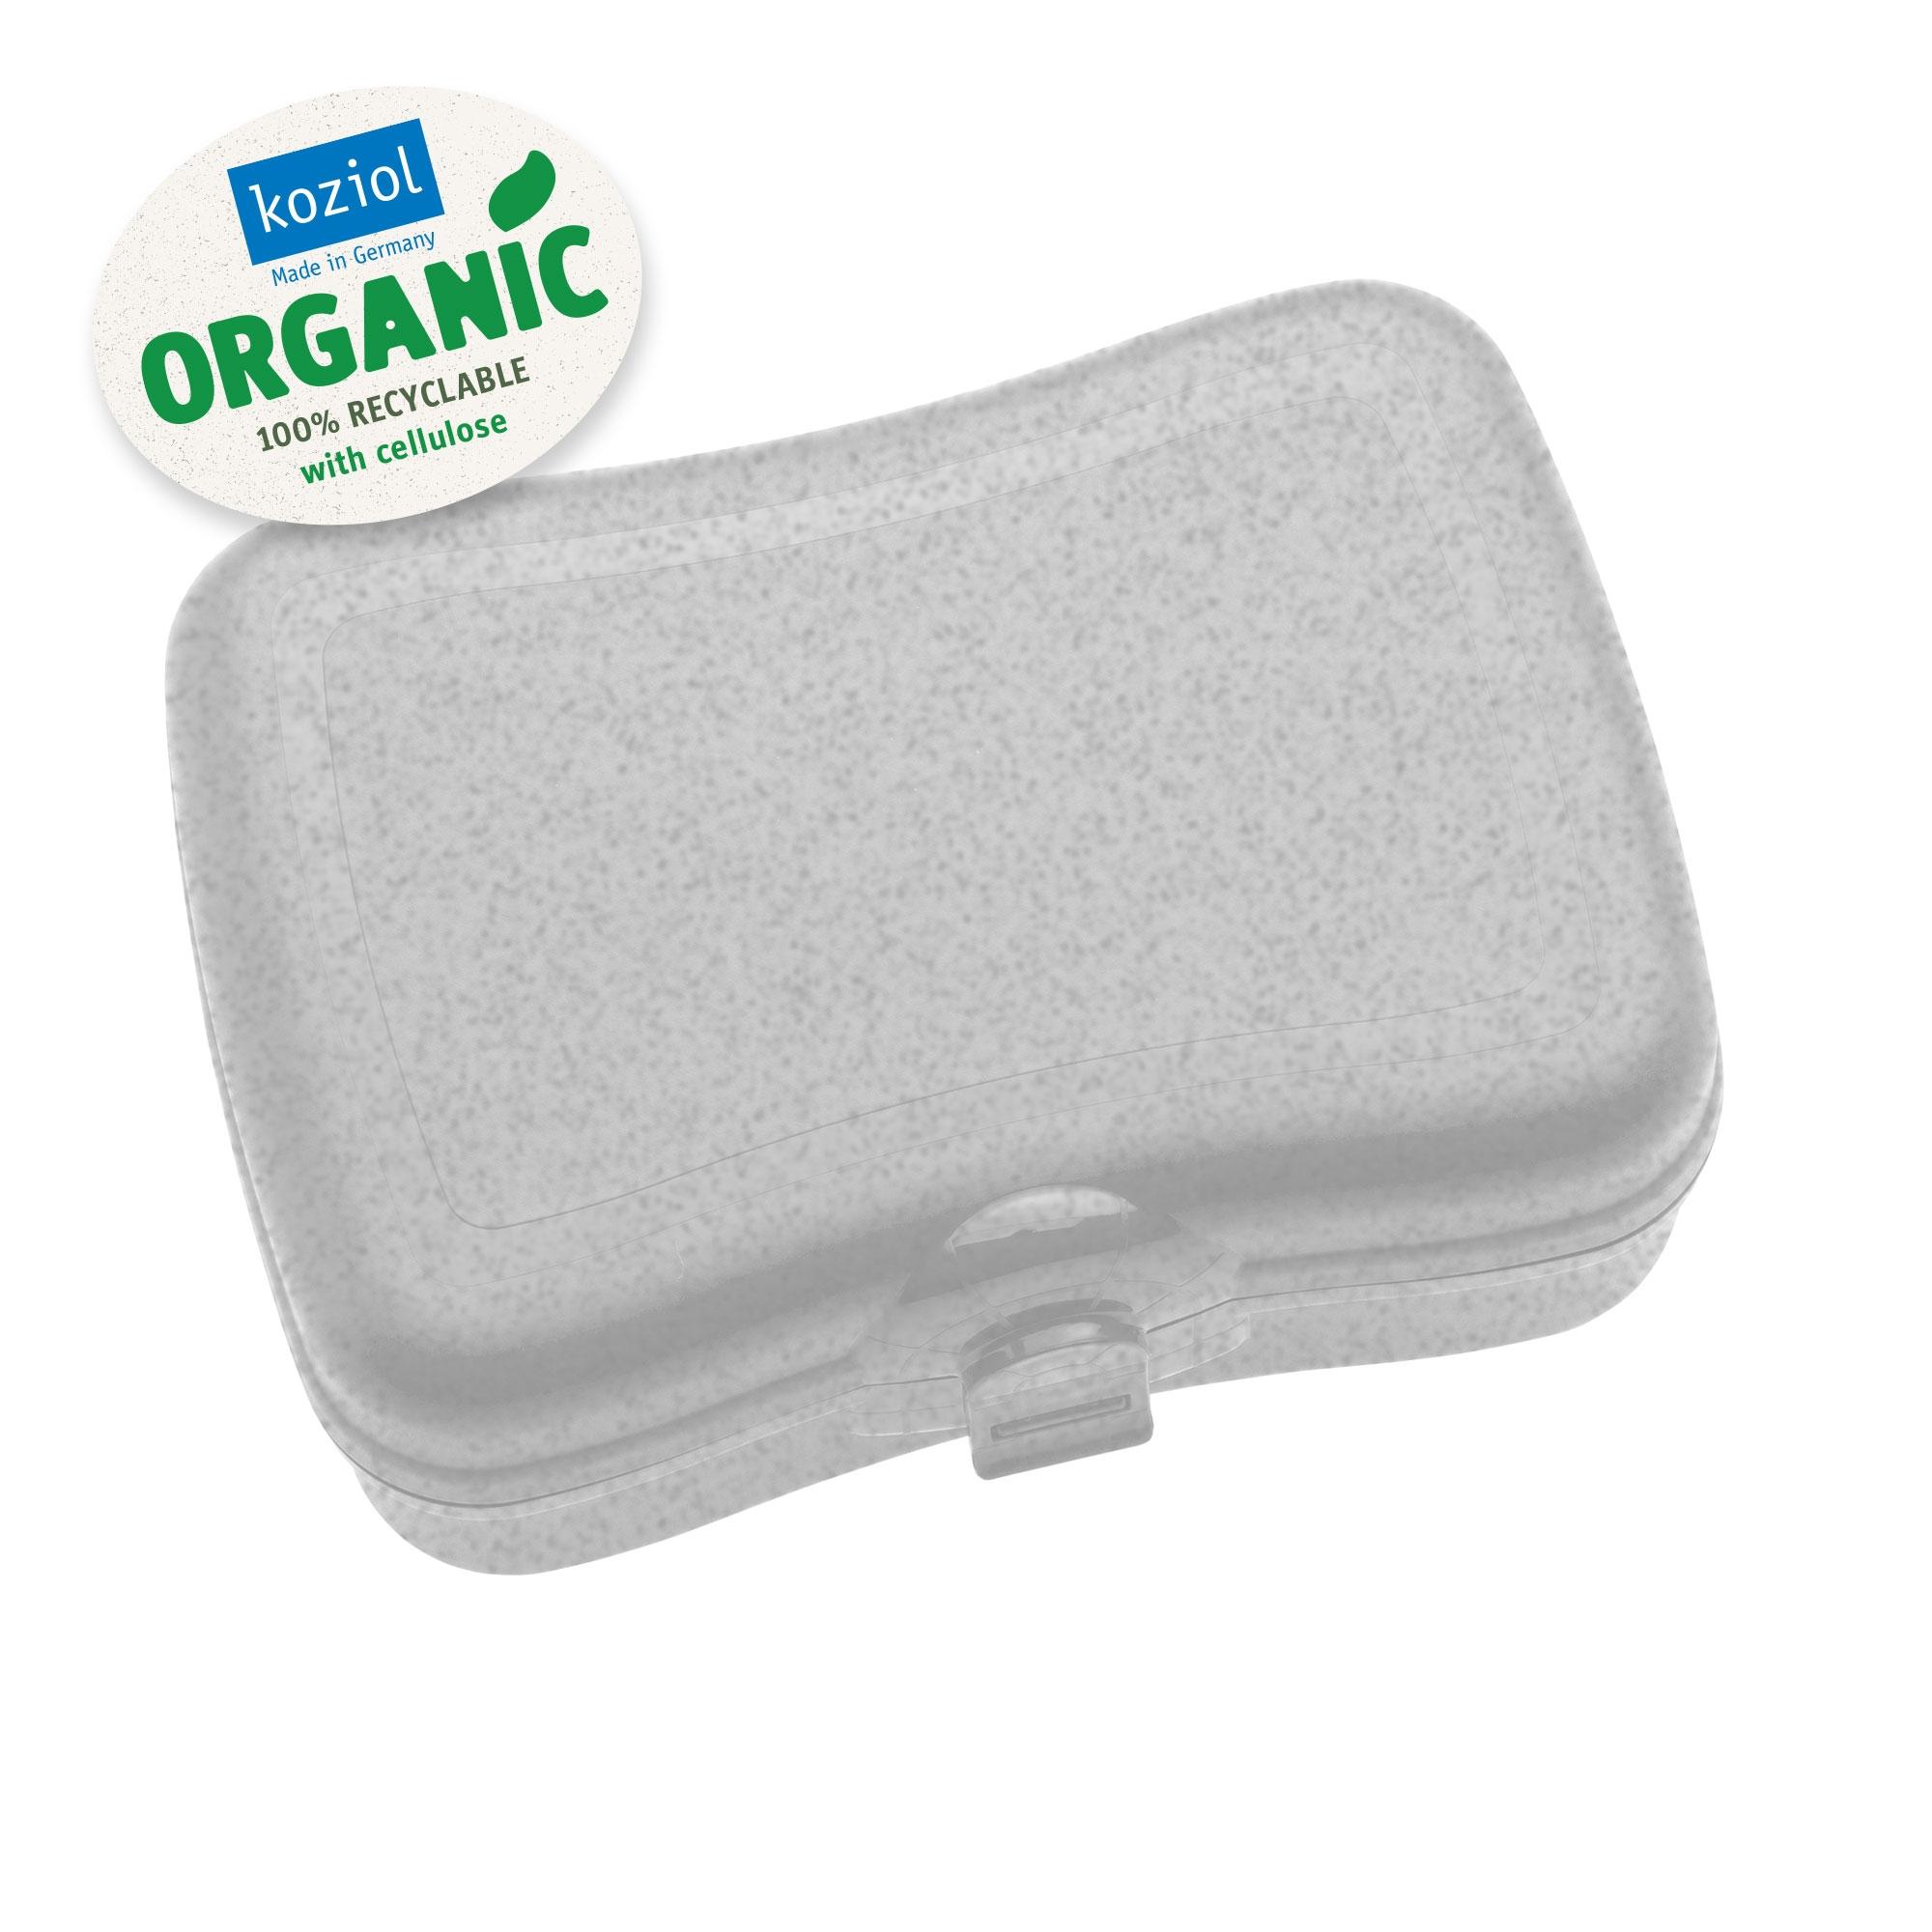 Cutie pentru pranz, 100% Reciclabil, Basic Organic Gri, L16,8xl12,2xH6,6 cm poza